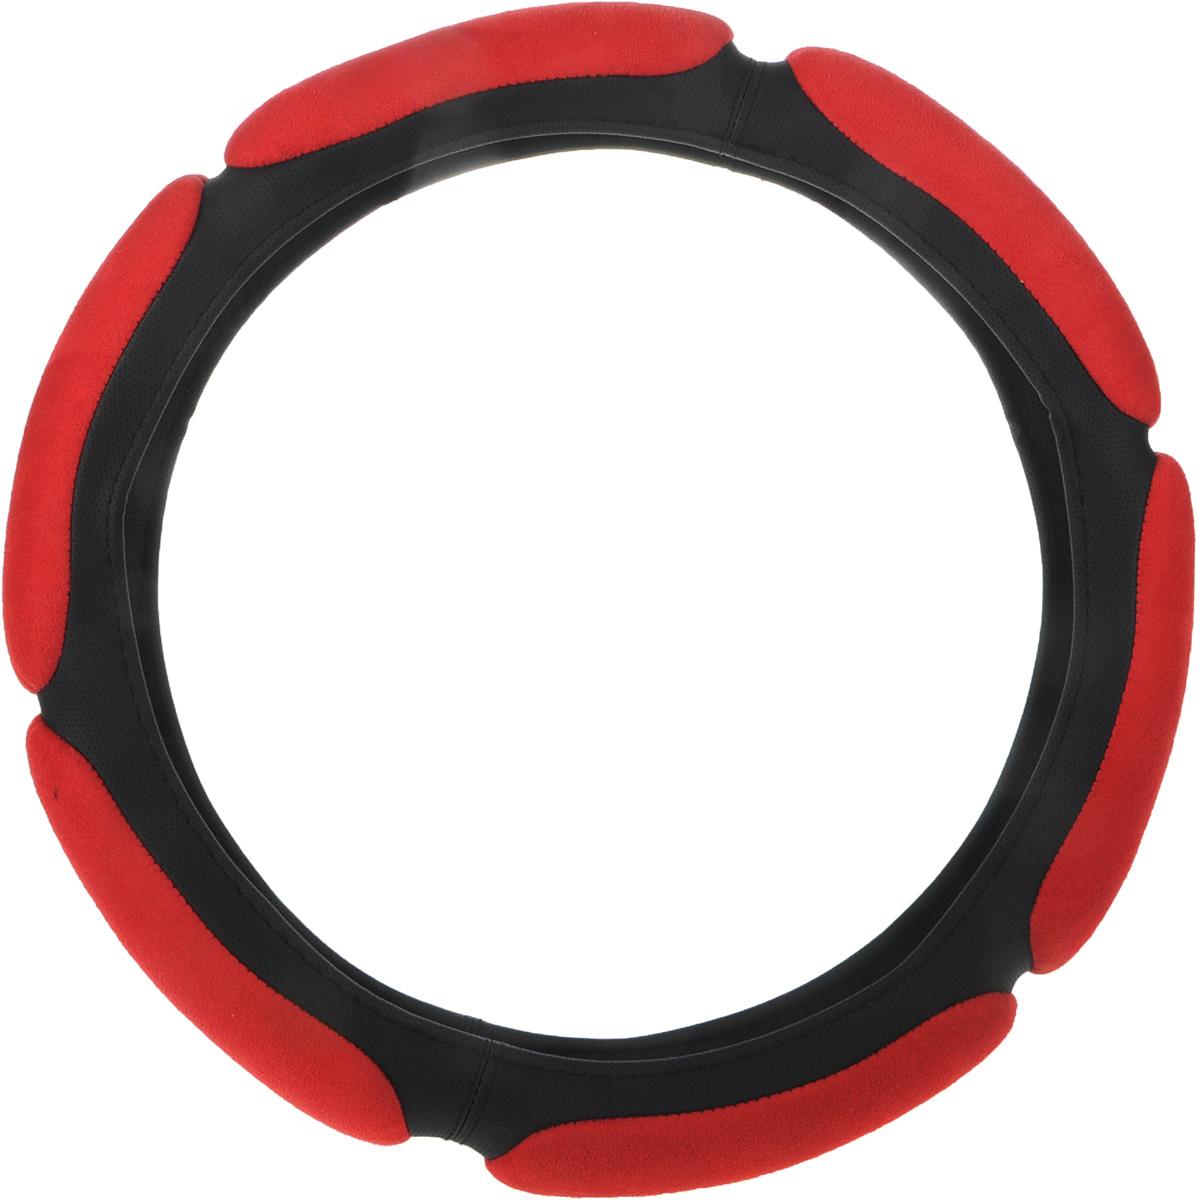 Оплетка руля Autoprofi Sponge SP-5026, 6 подушечек, наполнитель: поролон, цвет: черный, красный. Размер M (37-39 см) оплетка руля autoprofi экокожа размер м черная